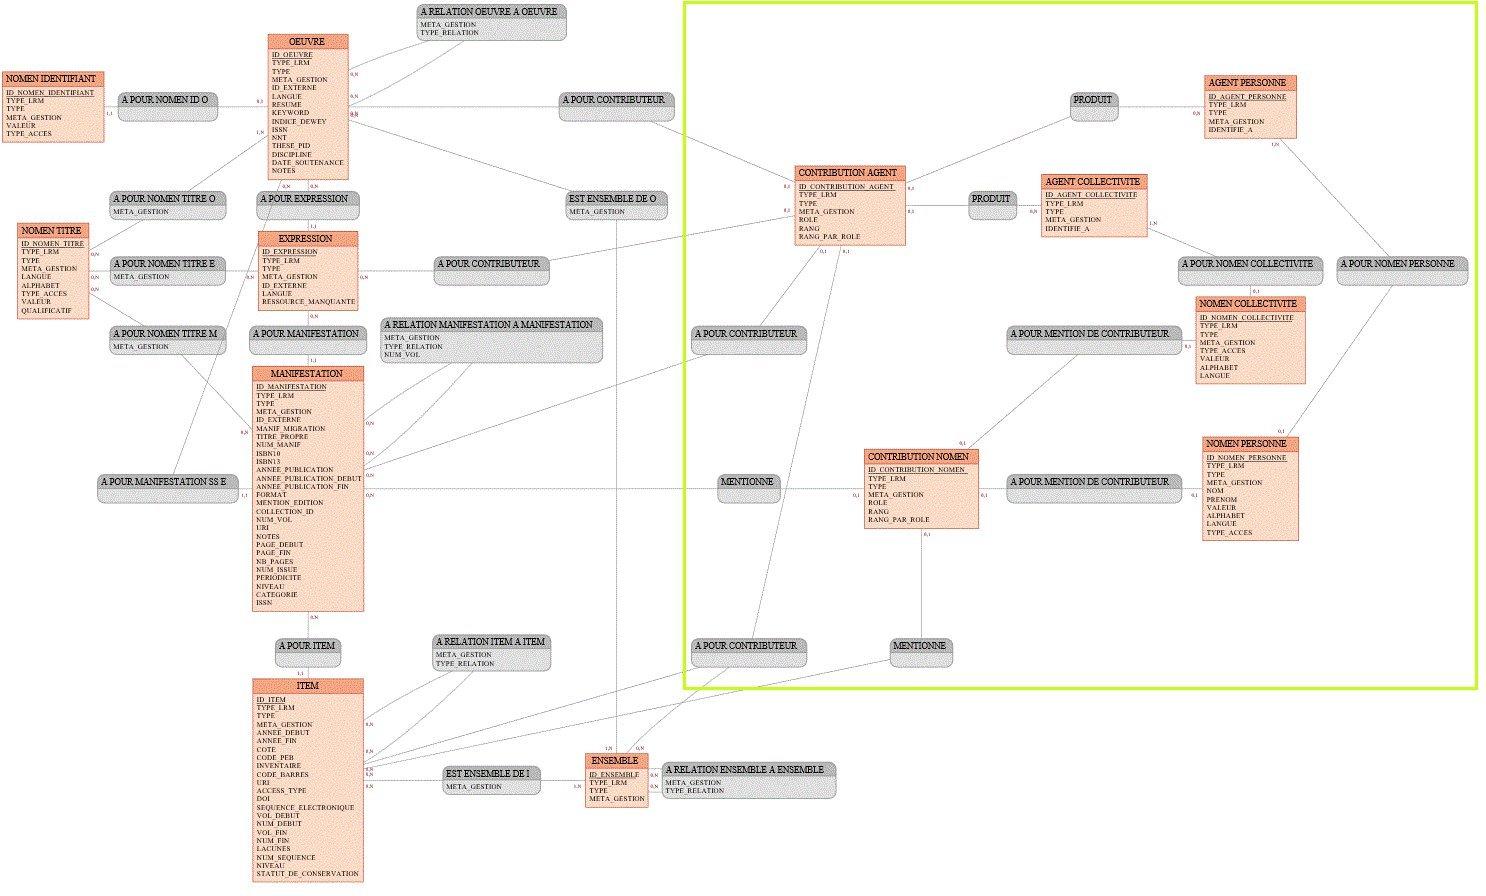 Modèle conceptuel de données global résultant de notre modélisation